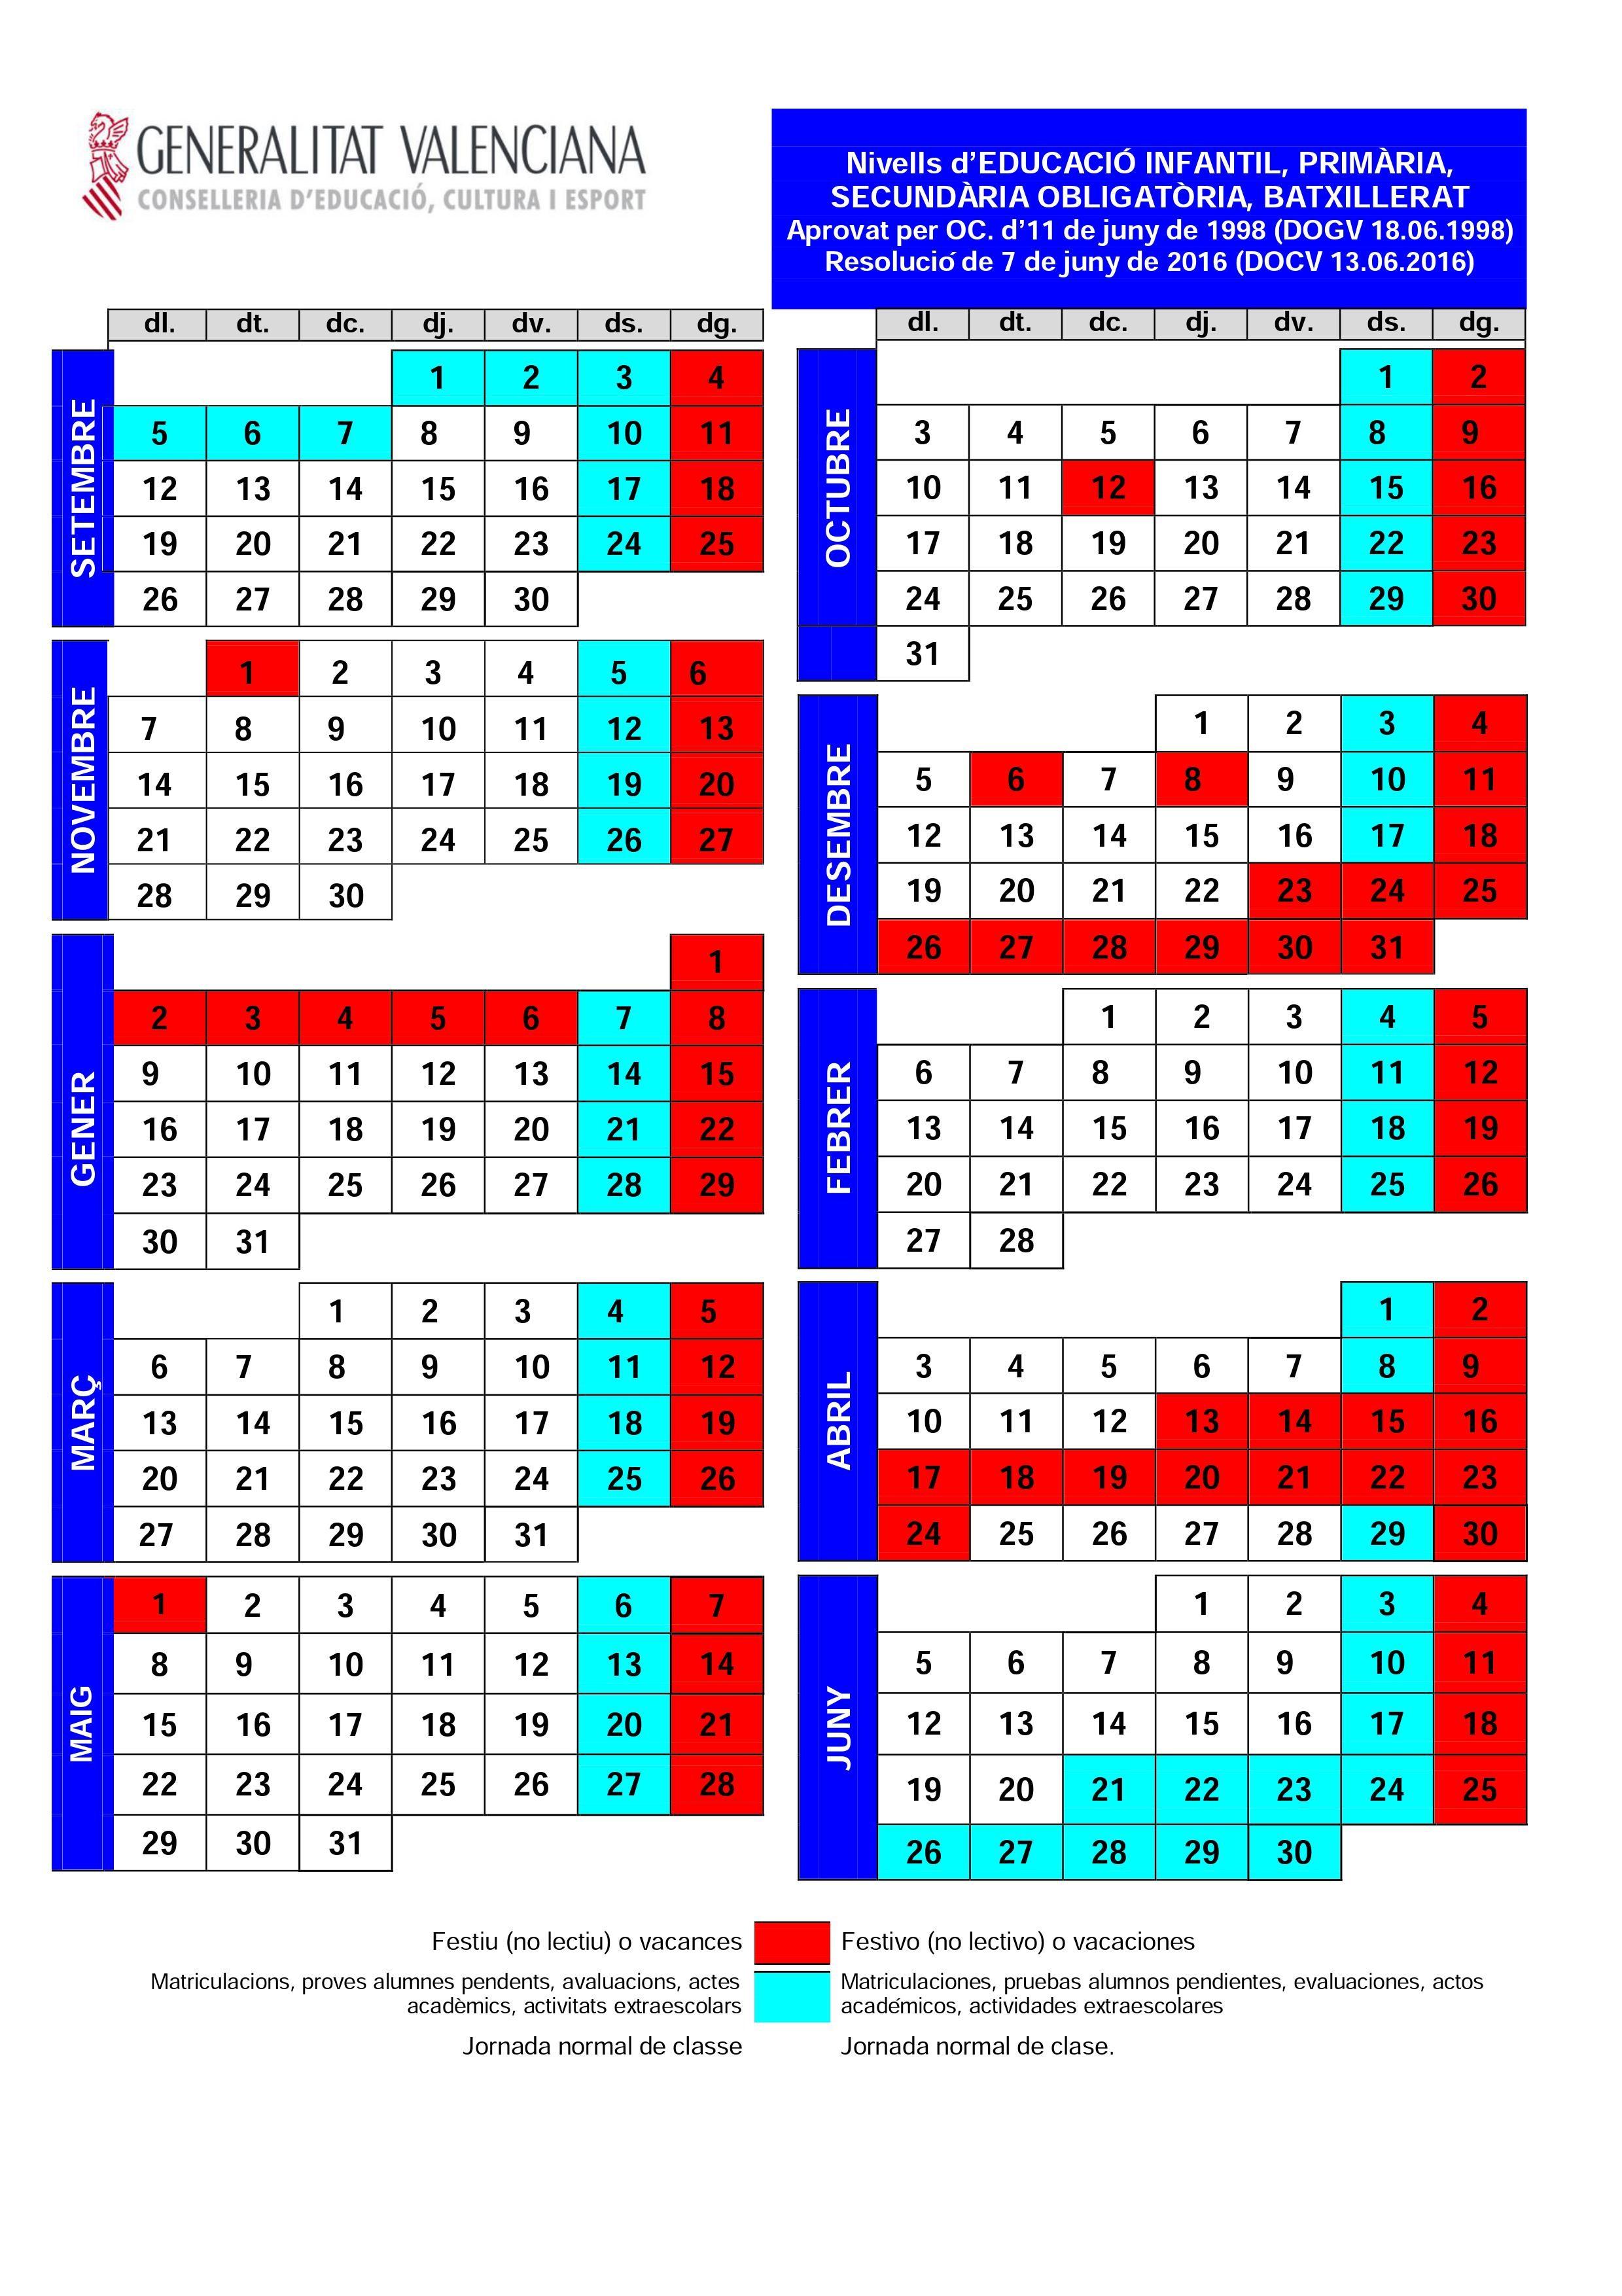 Calendario Escolar unidad Valenciana